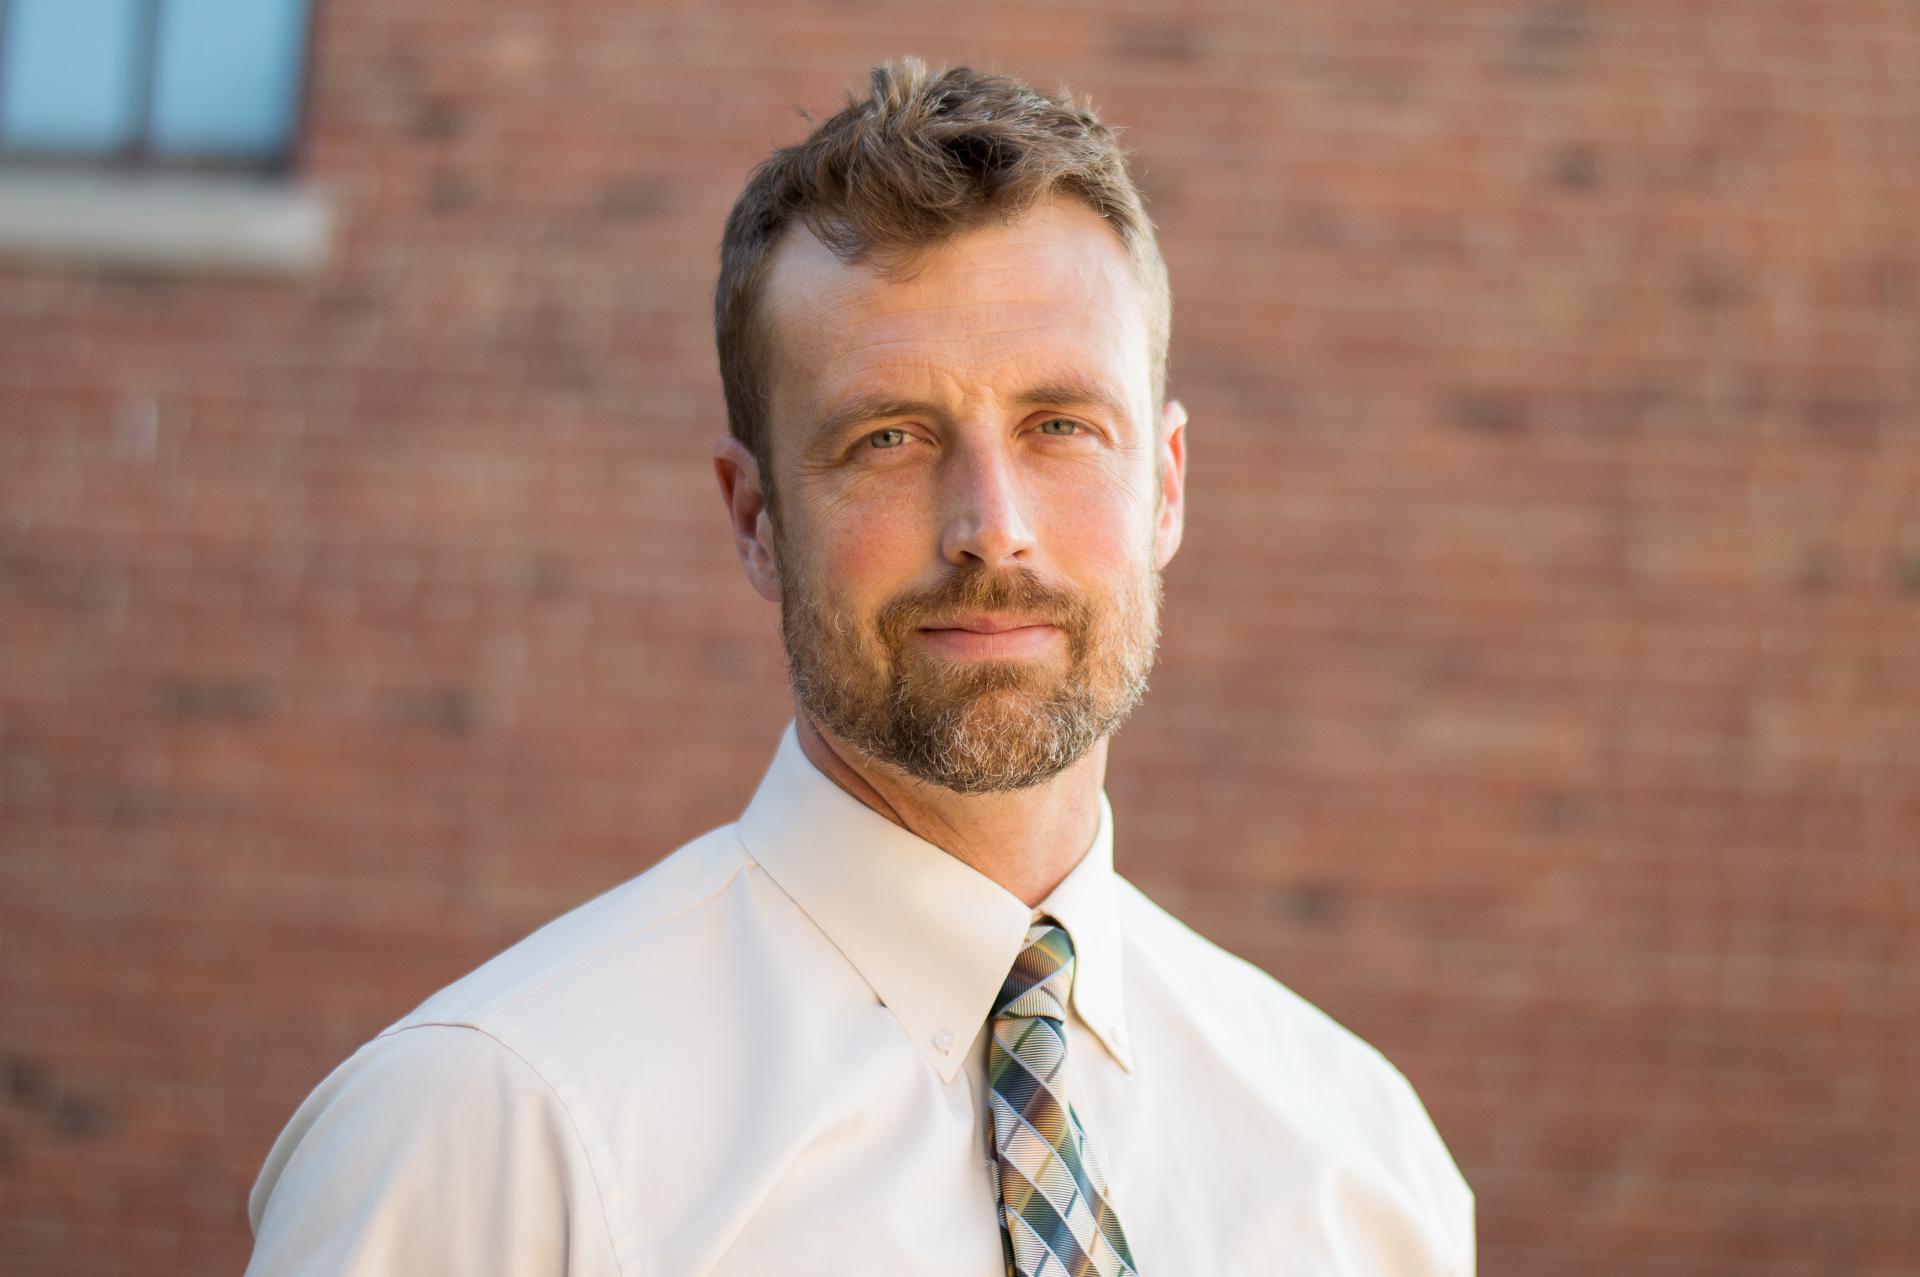 Dr. Nathan Hitchcock